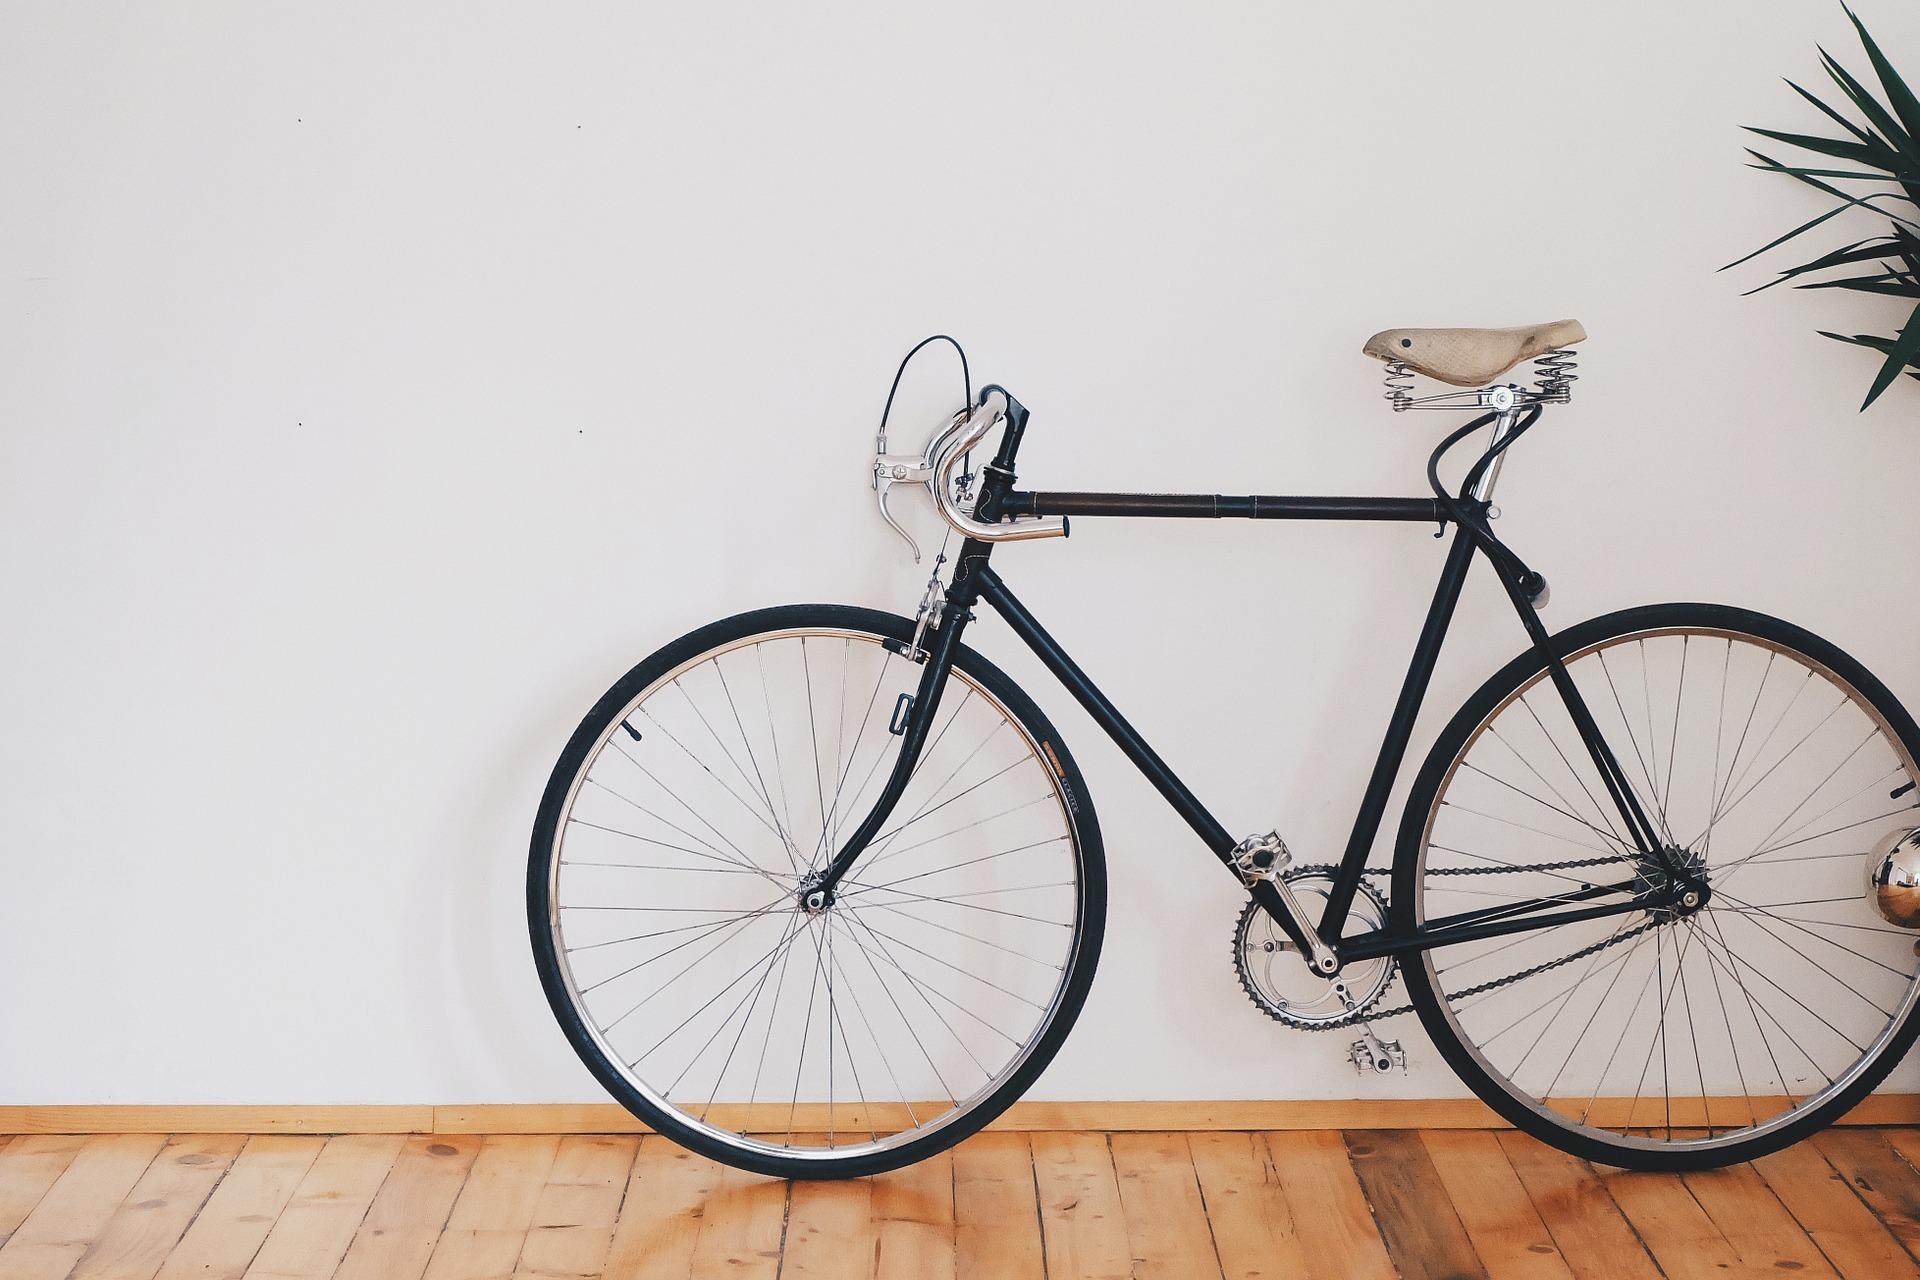 無印良品の自転車の評判は?おすすめの種類や修理の対応もまとめてチェック!